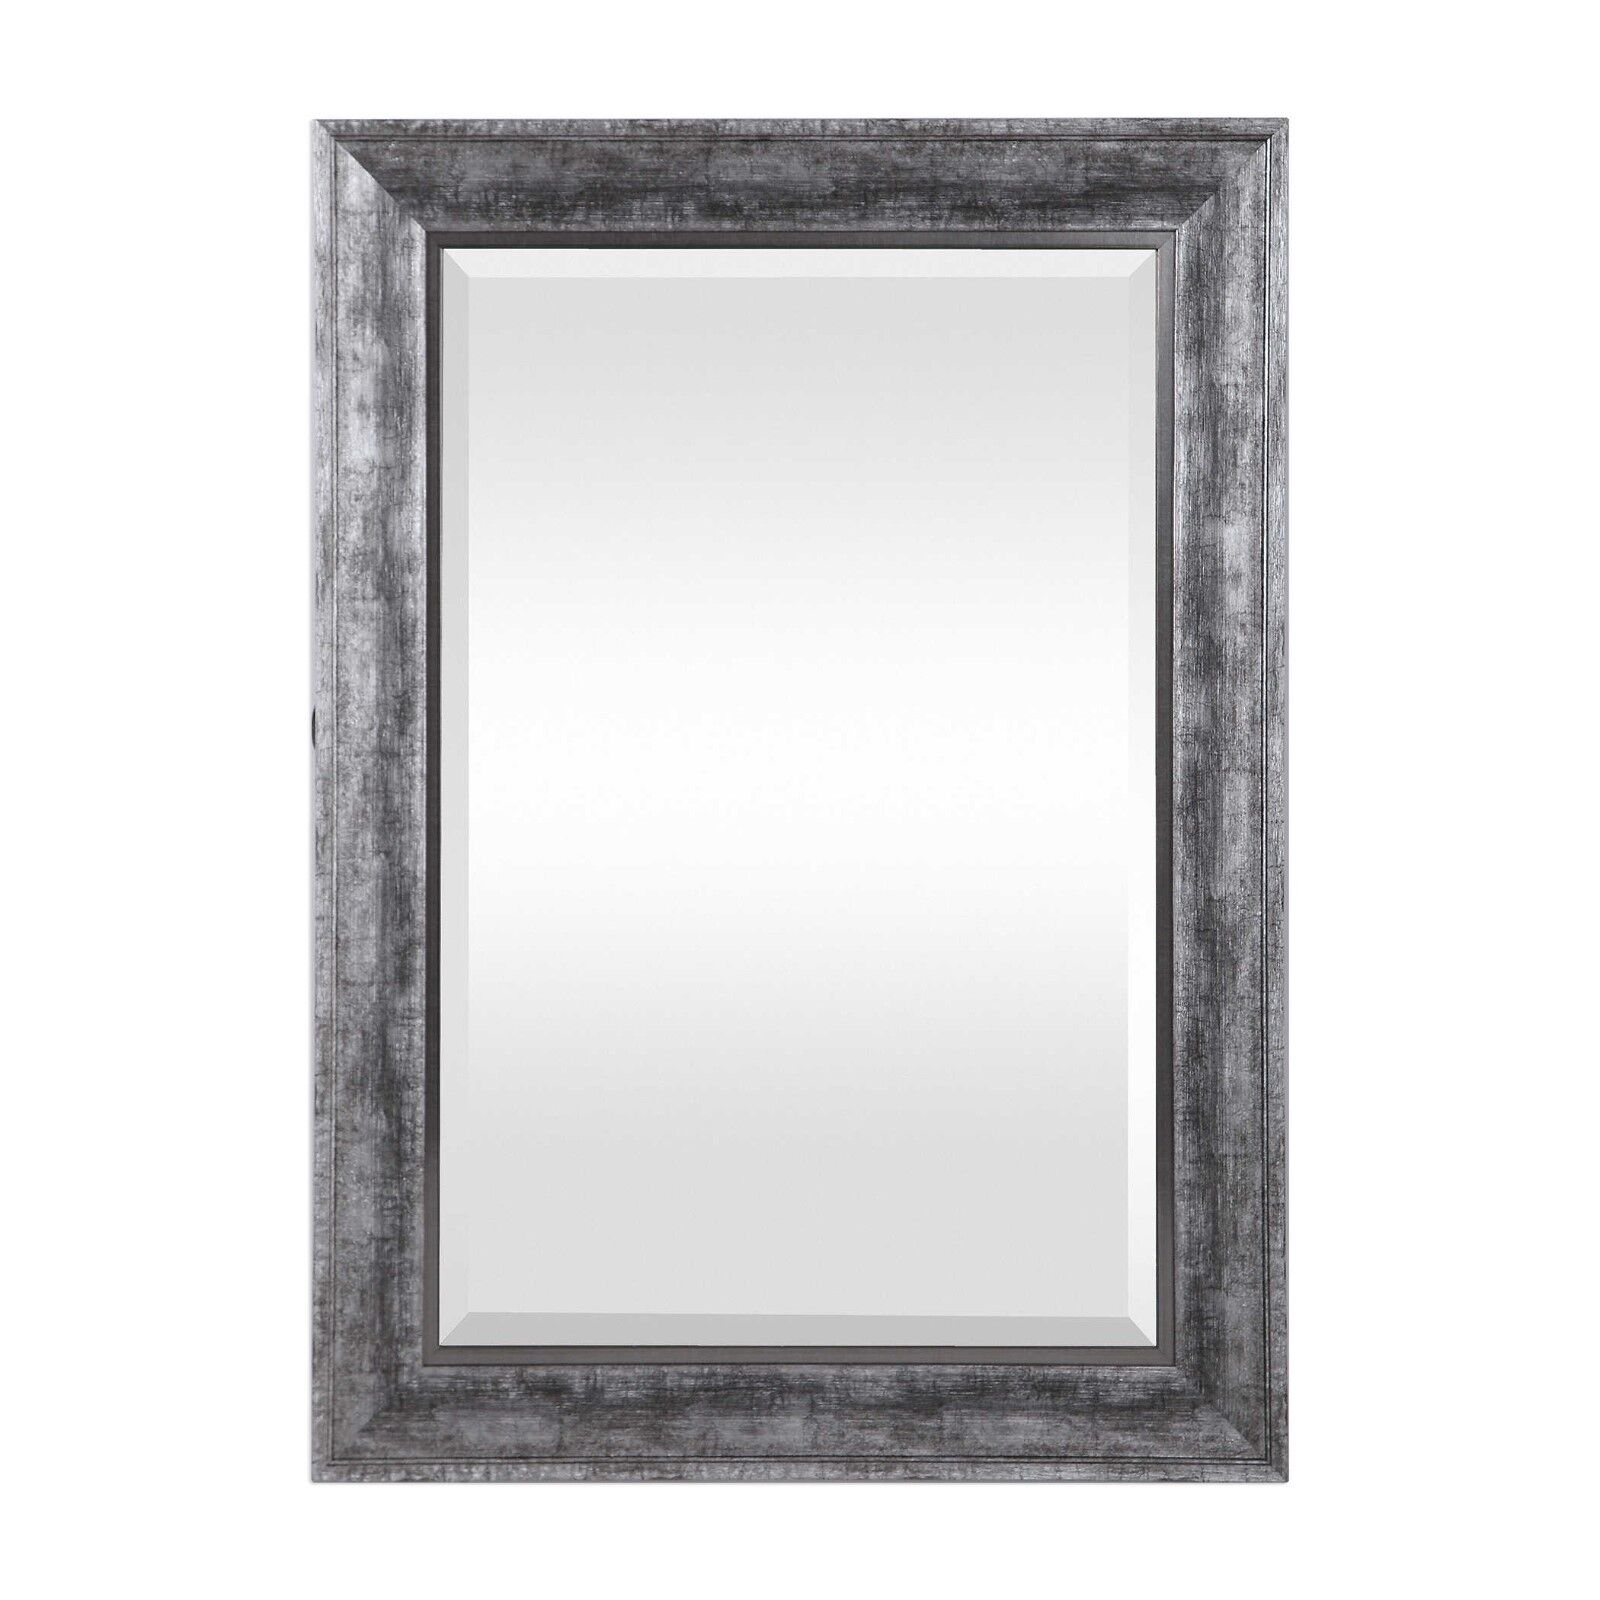 Metallic Wall Mirror Silver Gray 36H Farmhouse Rectangle Dis